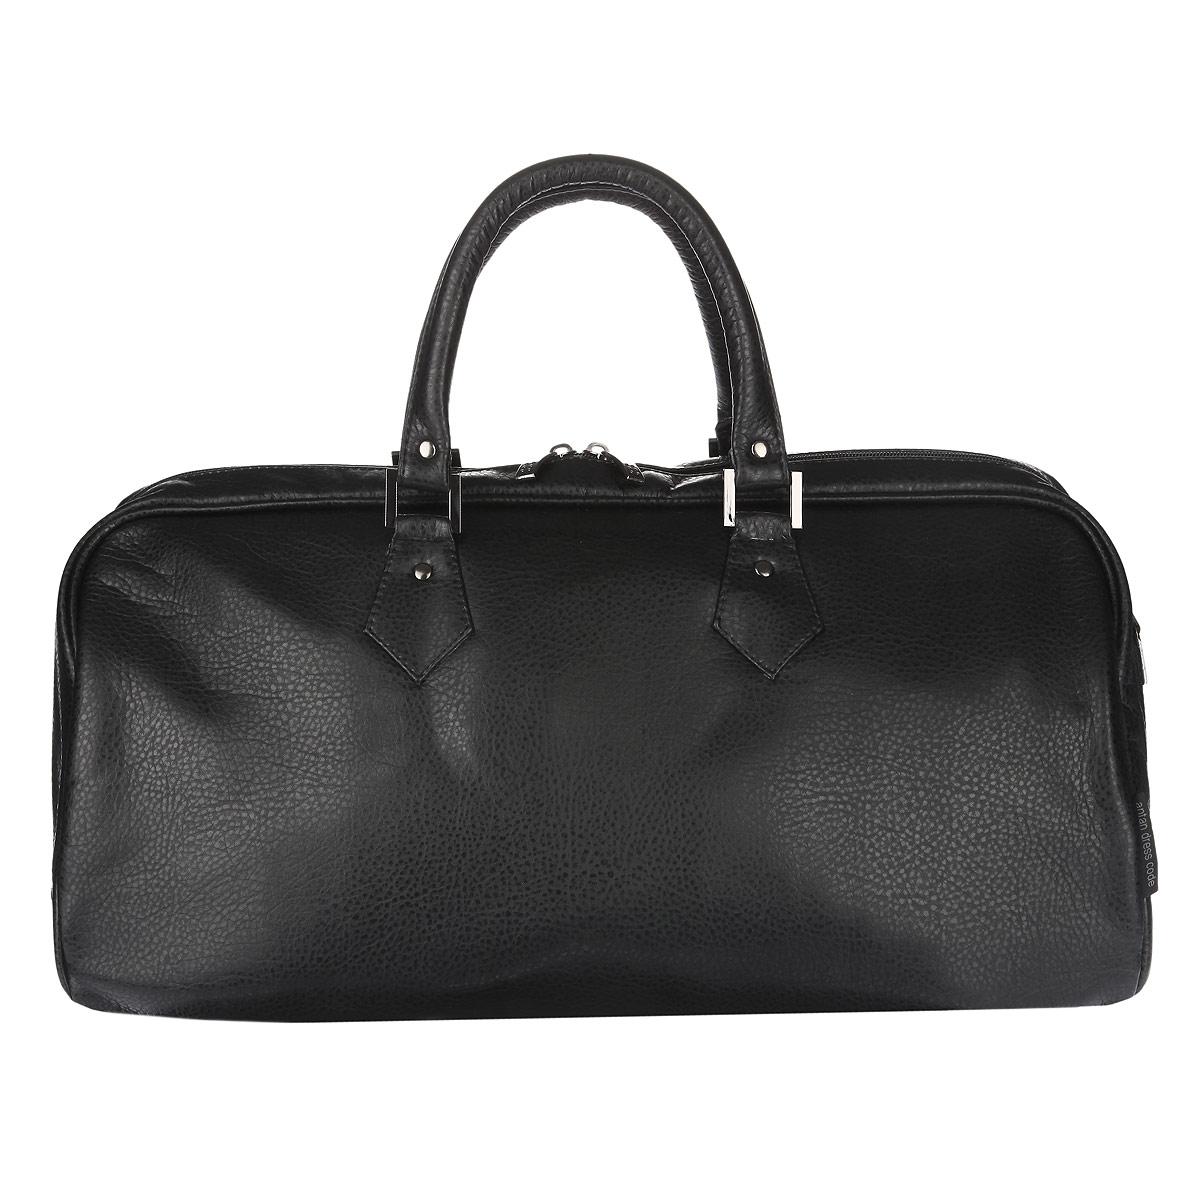 Сумка дорожная Antan, цвет: черный. 2-132 ВW16-07Вместительная дорожная сумка Antan выполнена из искусственной кожи и состоит из одного вместительного отделения, закрывающегося на пластиковую застежку-молнию с двумя бегунками. Внутри расположен вшитый карман на застежке-молнии. Сумка оснащена двумя удобными ручками и съемным плечевым регулируемым ремнем. Дно уплотнено.Такая модель отлично подойдет для поездок